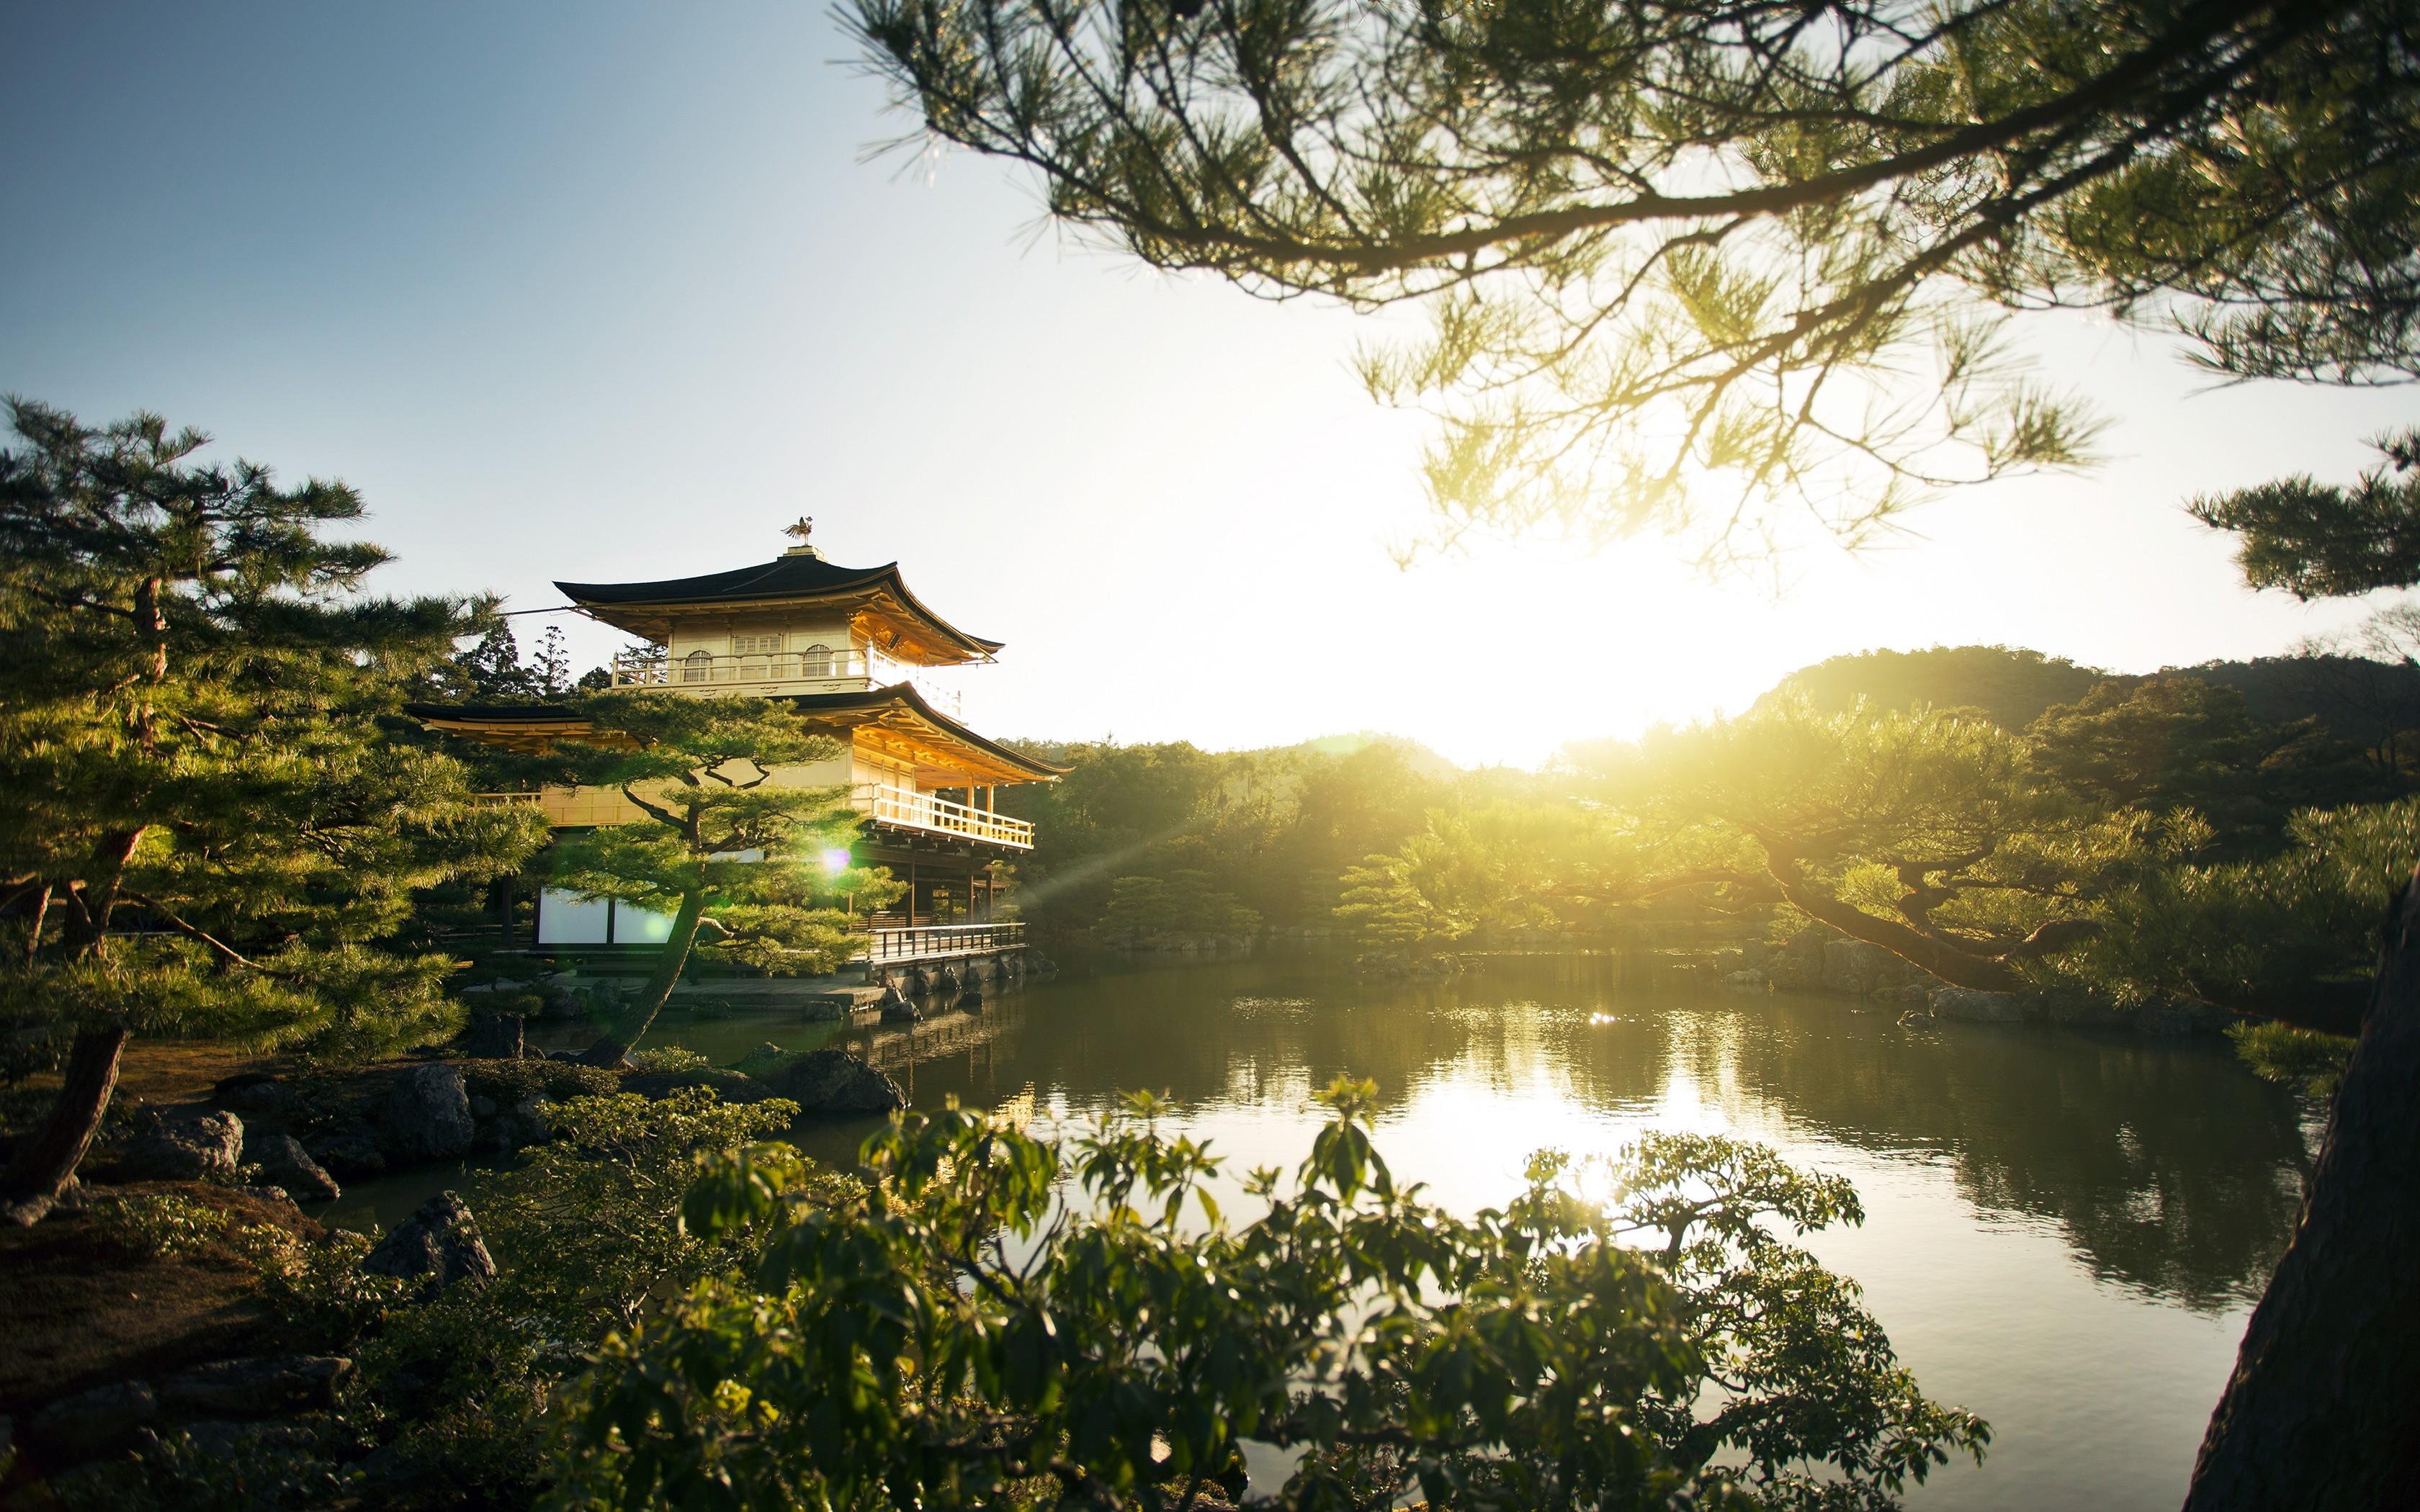 фото японских пейзажей неправильного строения